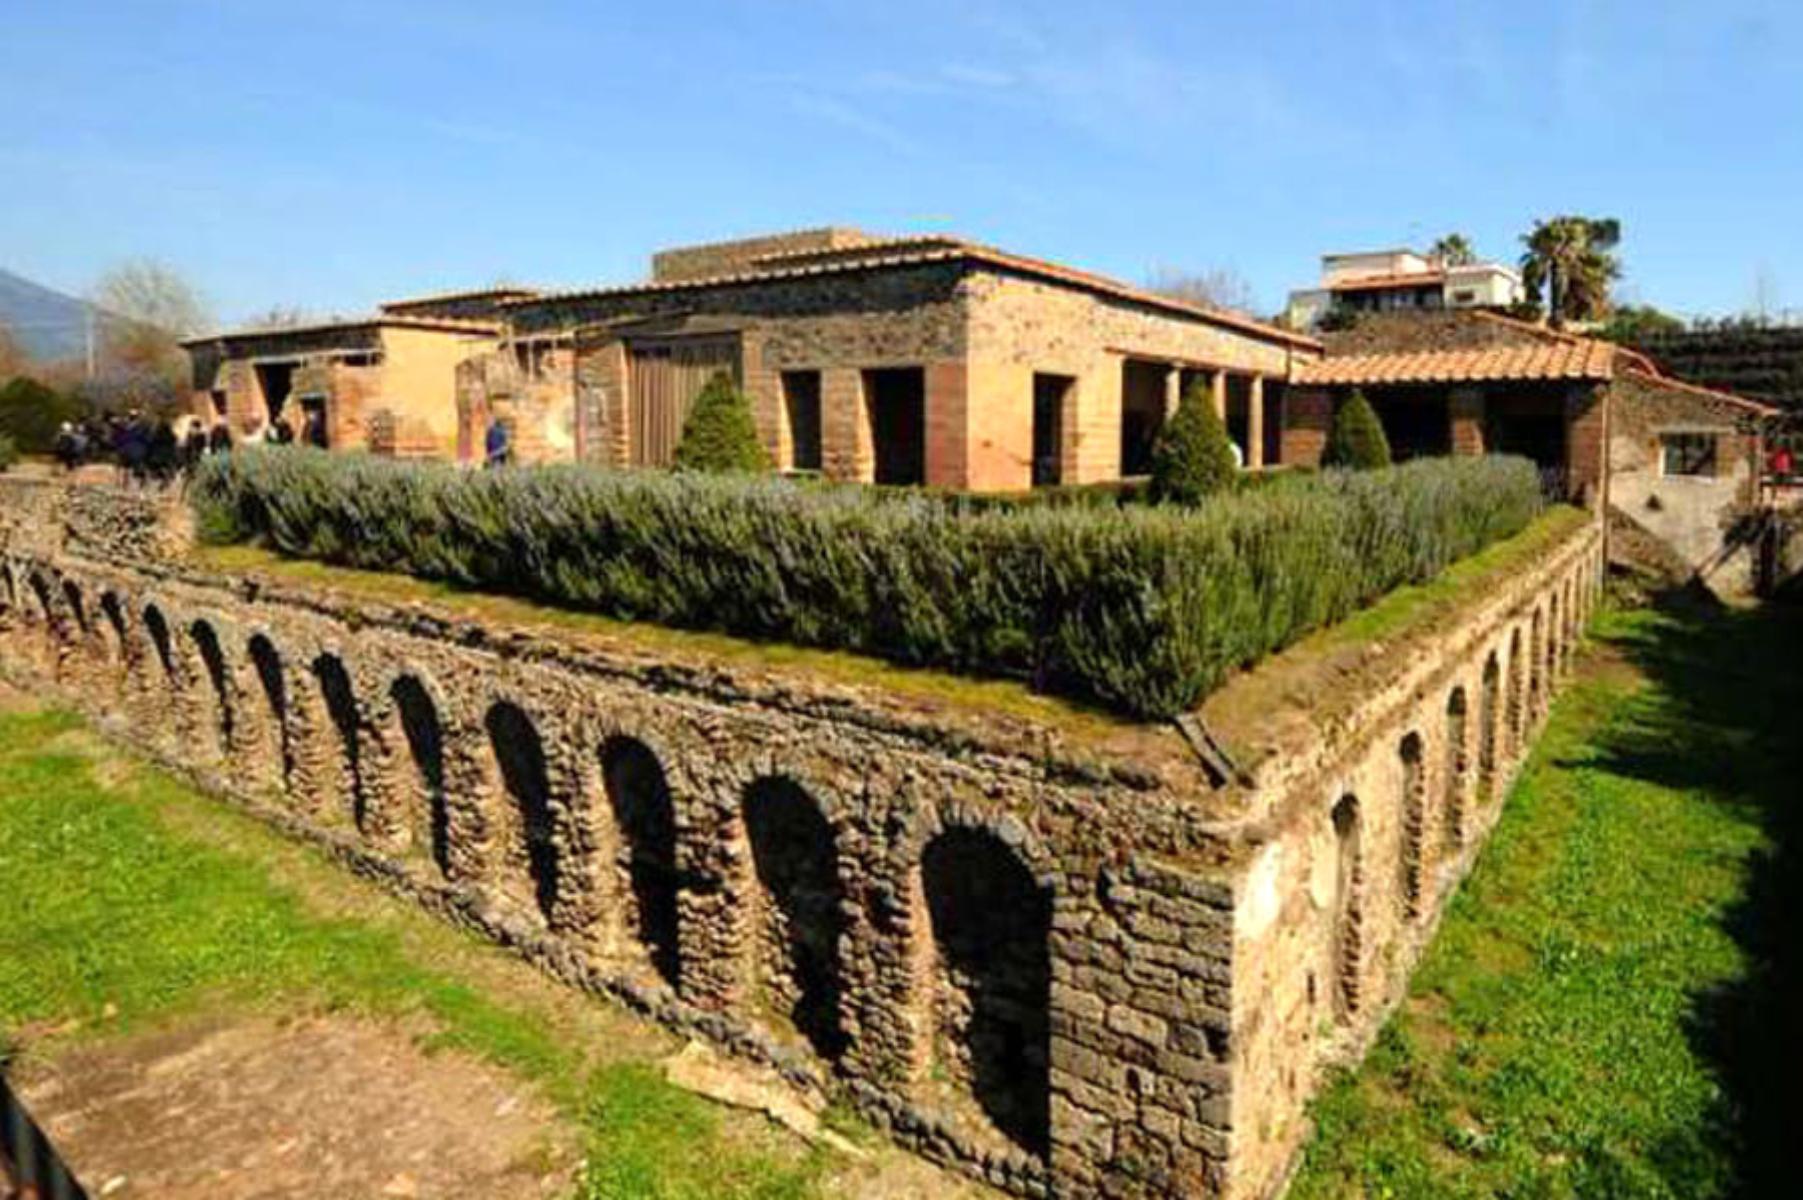 Pompei'de taşlaşmış at kalıntıları bulundu